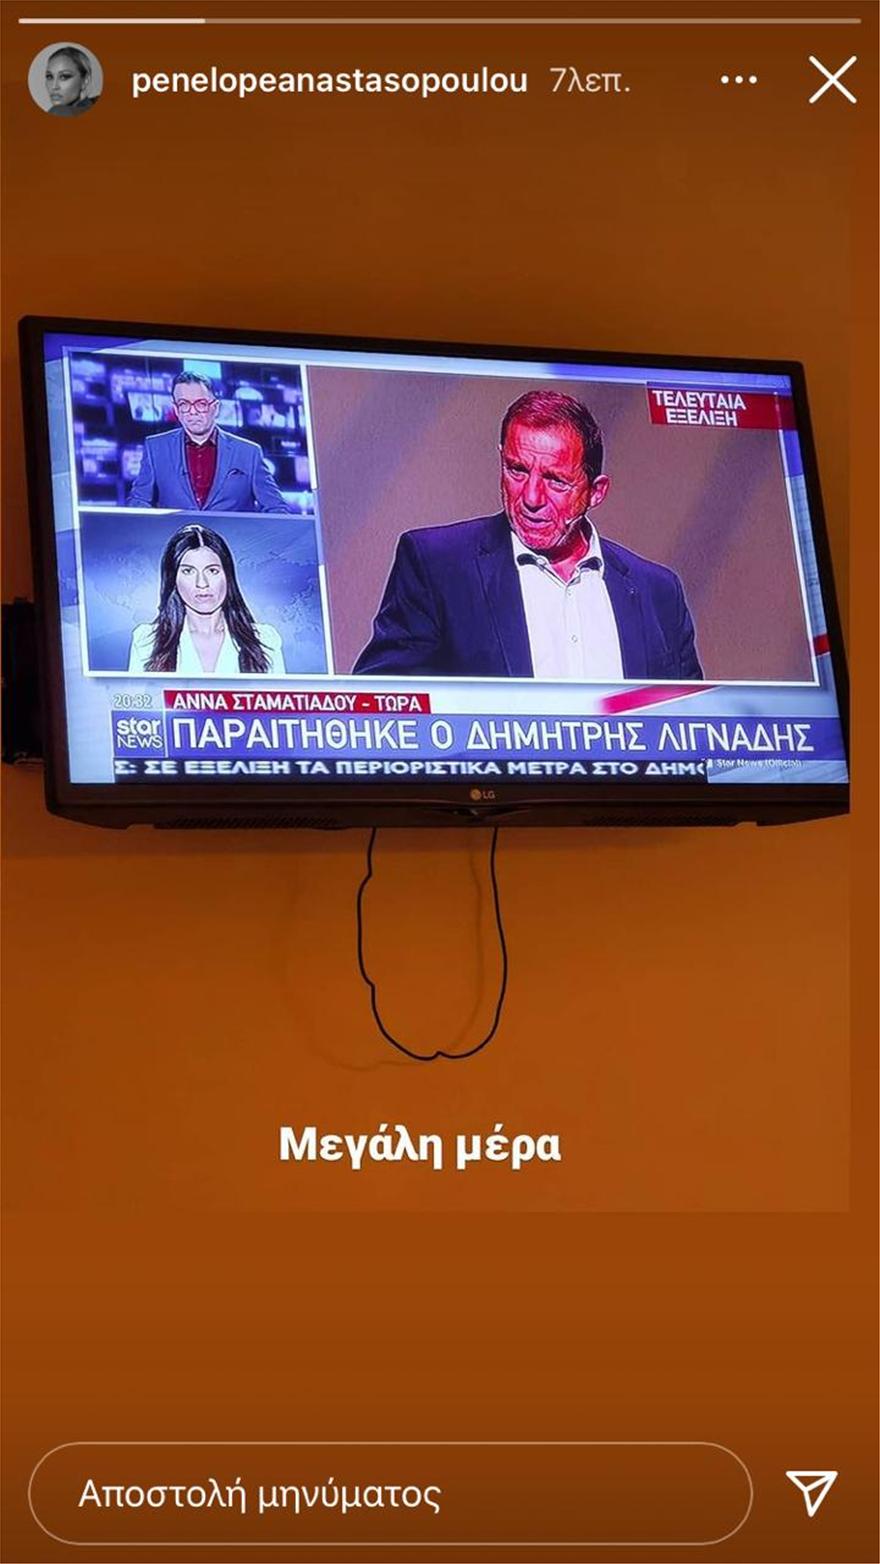 Anastasopoulou